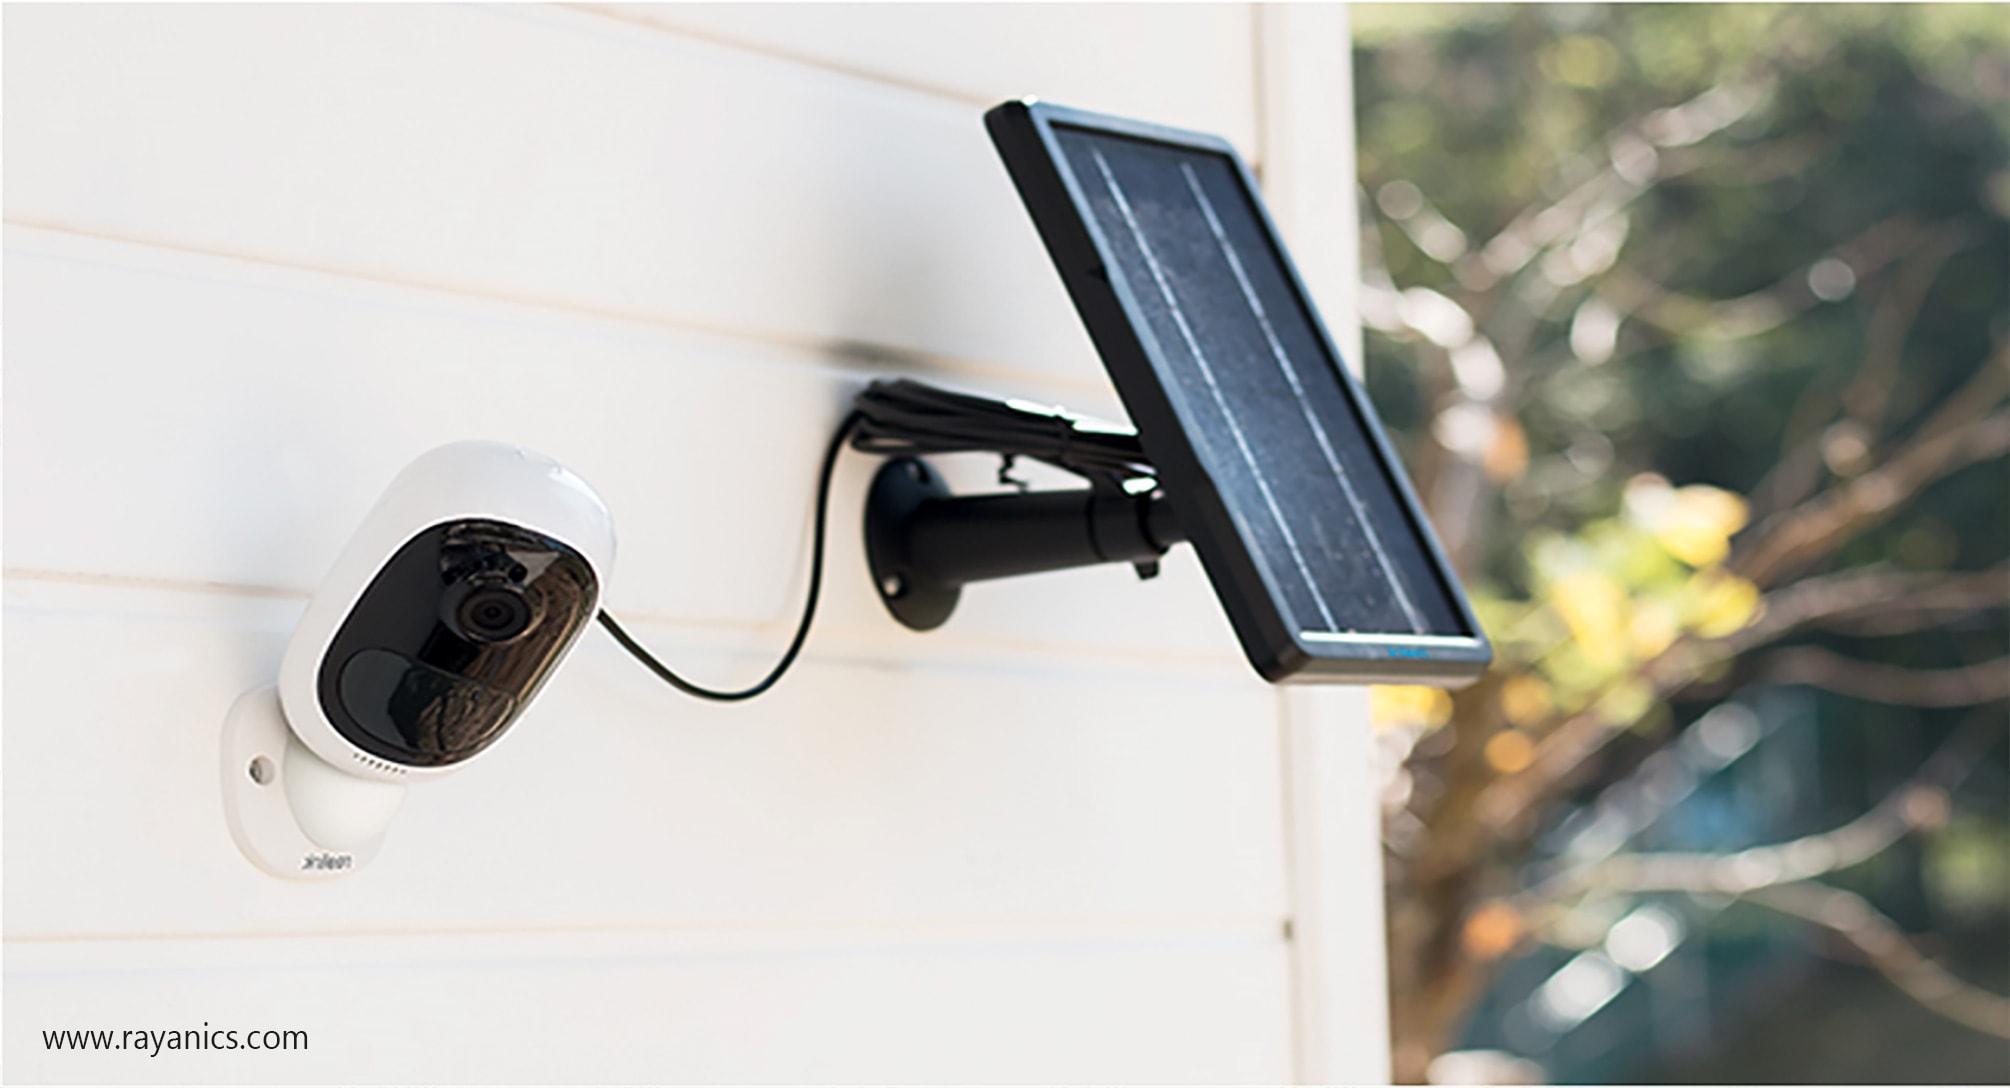 پنل خورشیدی دوربین مداربسته